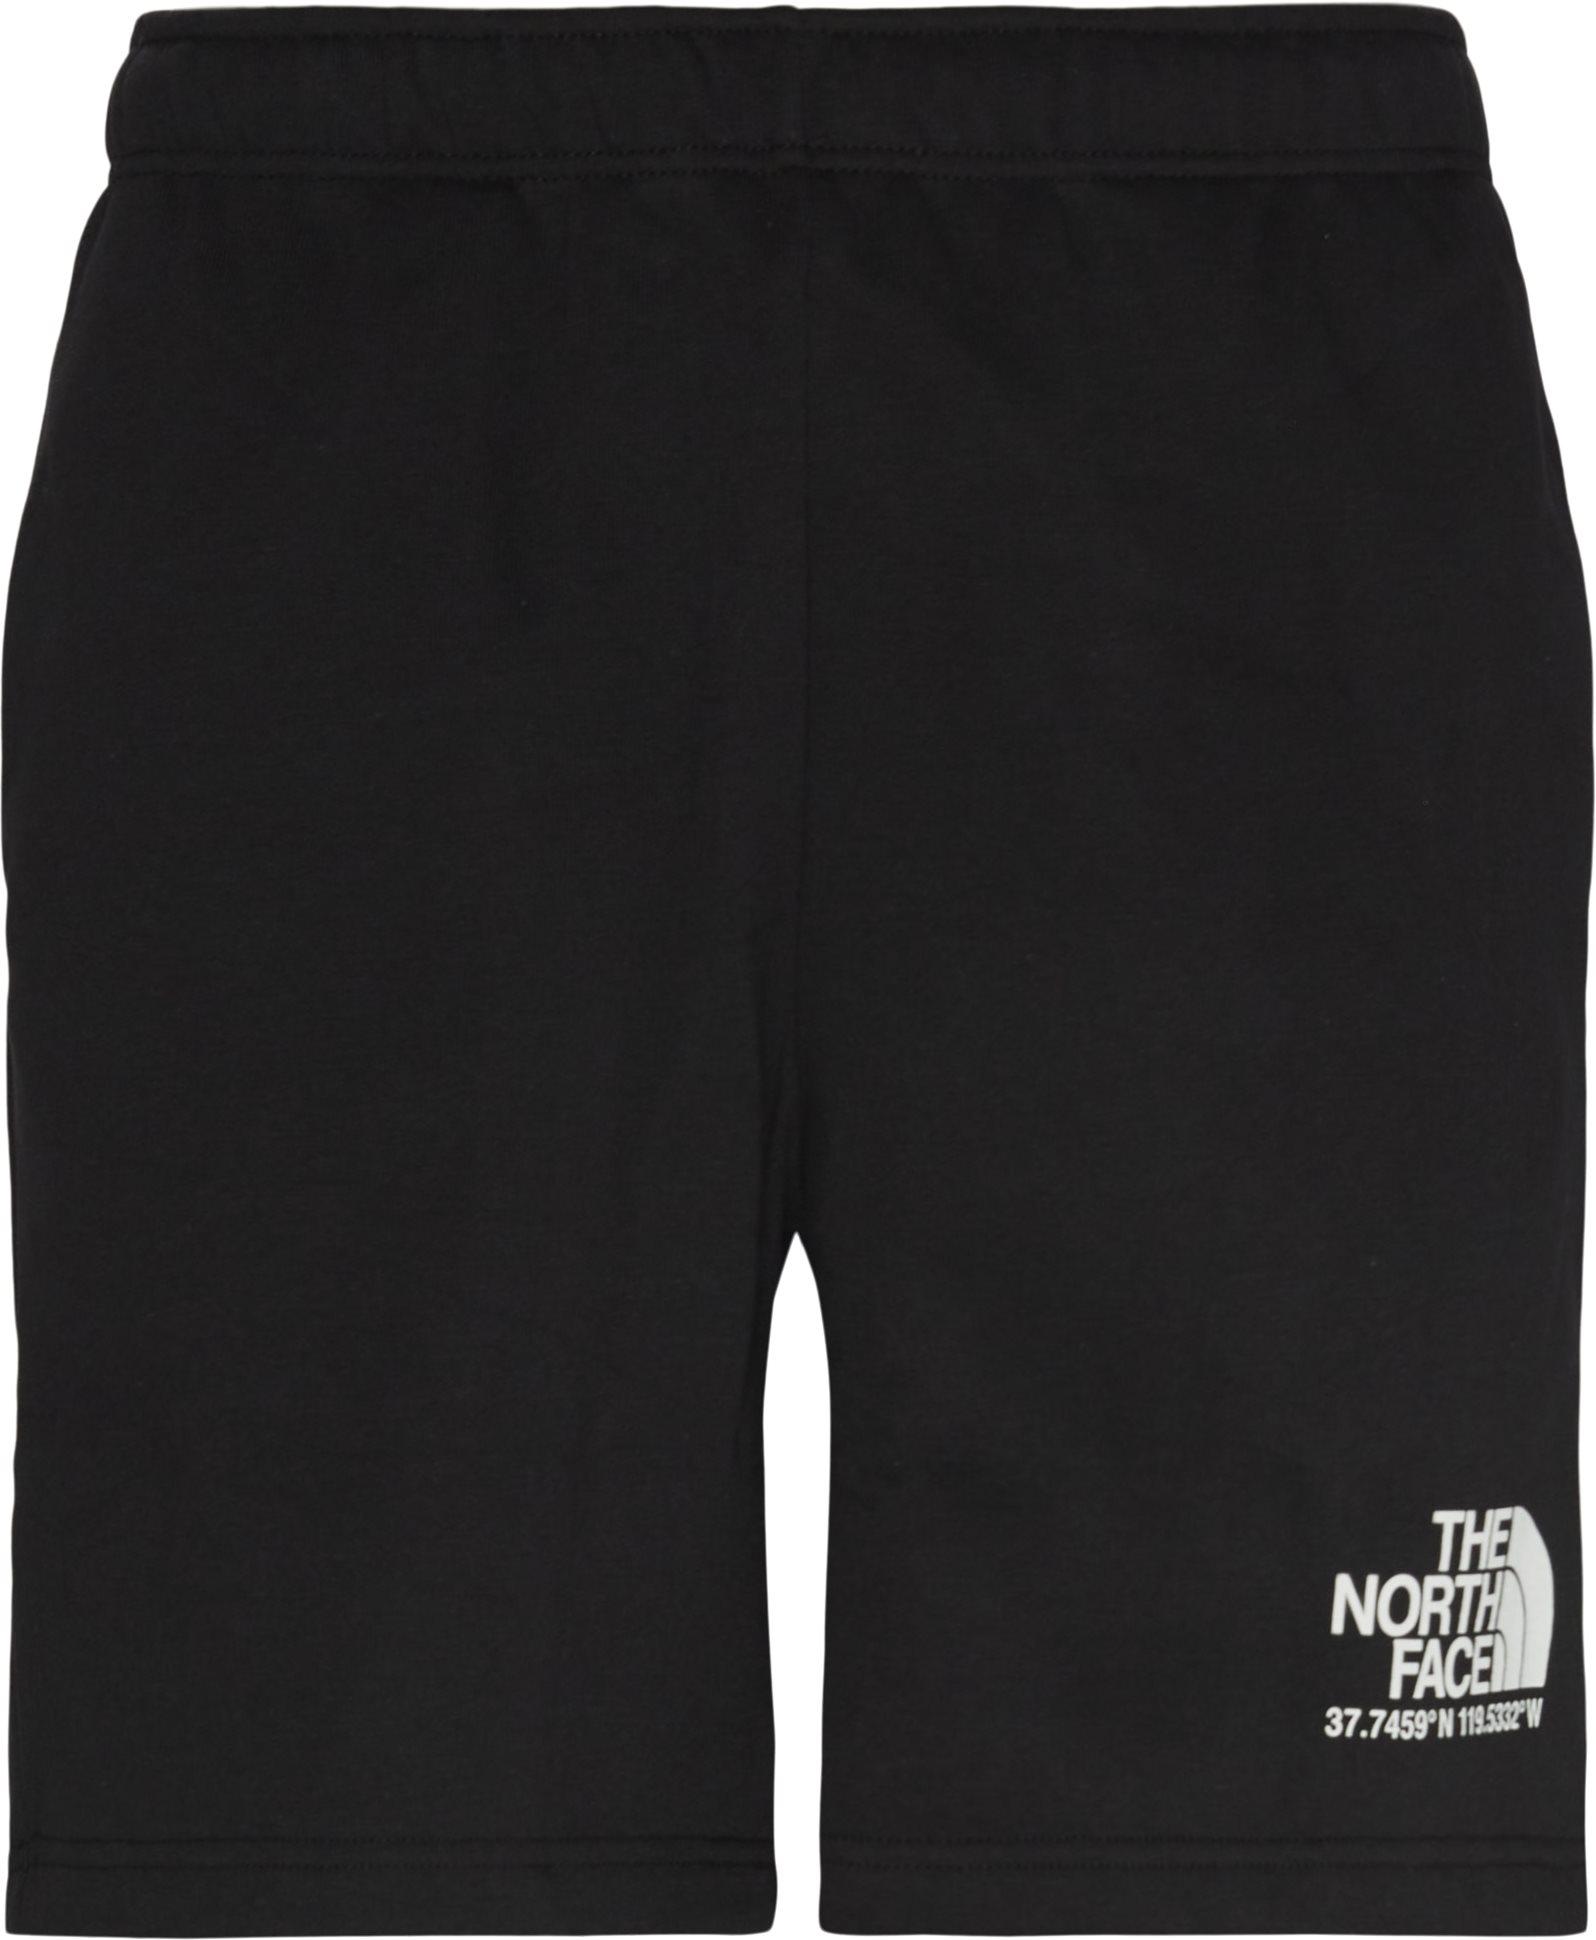 Coordinates Shorts - Shorts - Regular fit - Sort